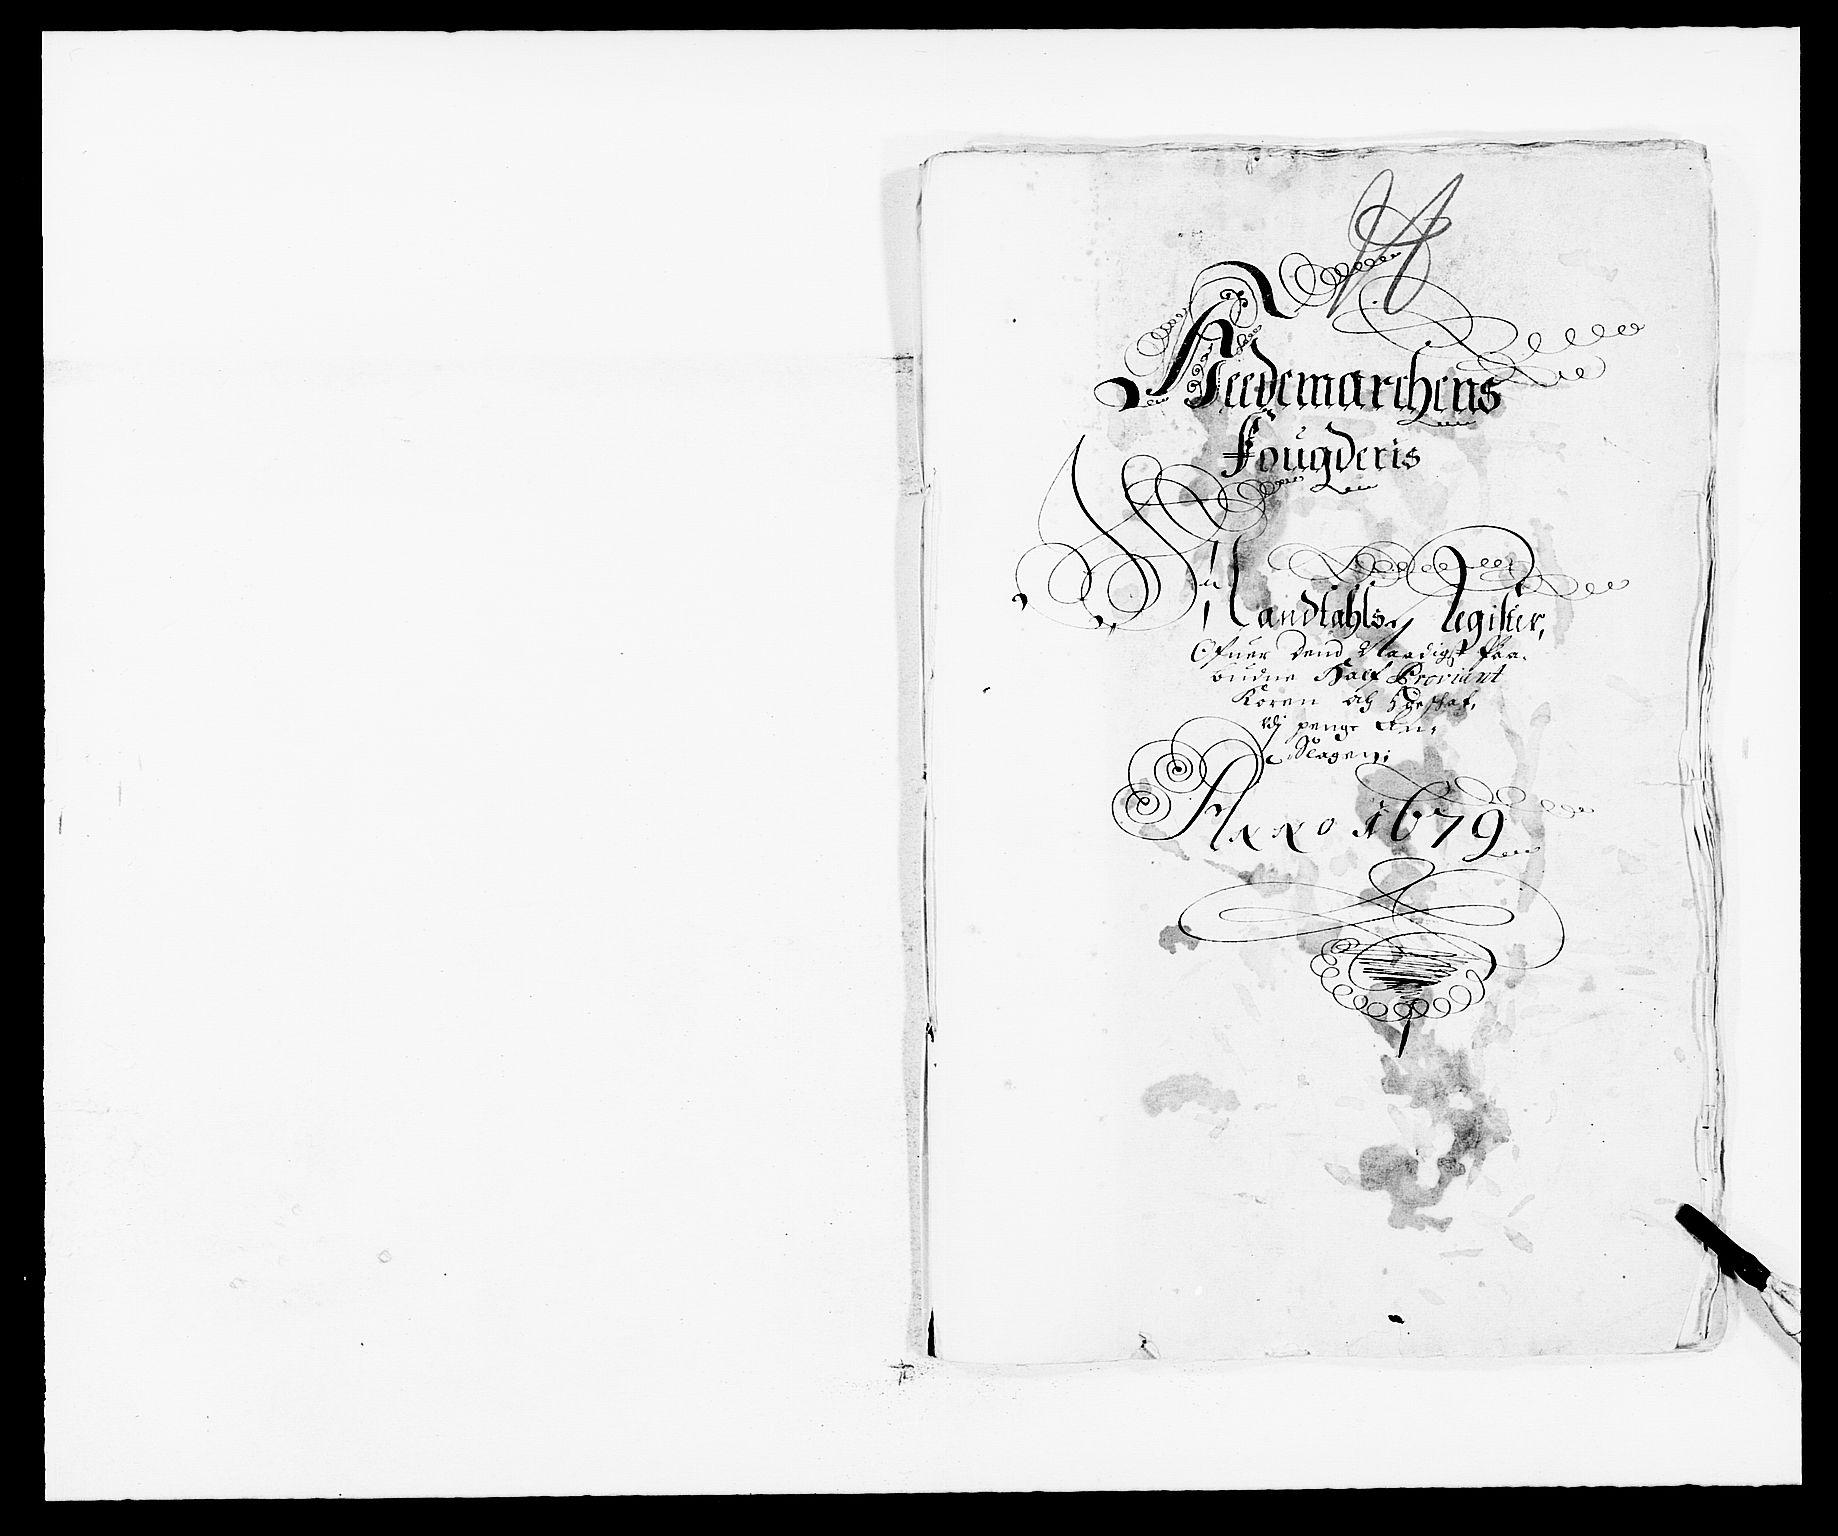 RA, Rentekammeret inntil 1814, Reviderte regnskaper, Fogderegnskap, R16/L1018: Fogderegnskap Hedmark, 1678-1679, s. 231